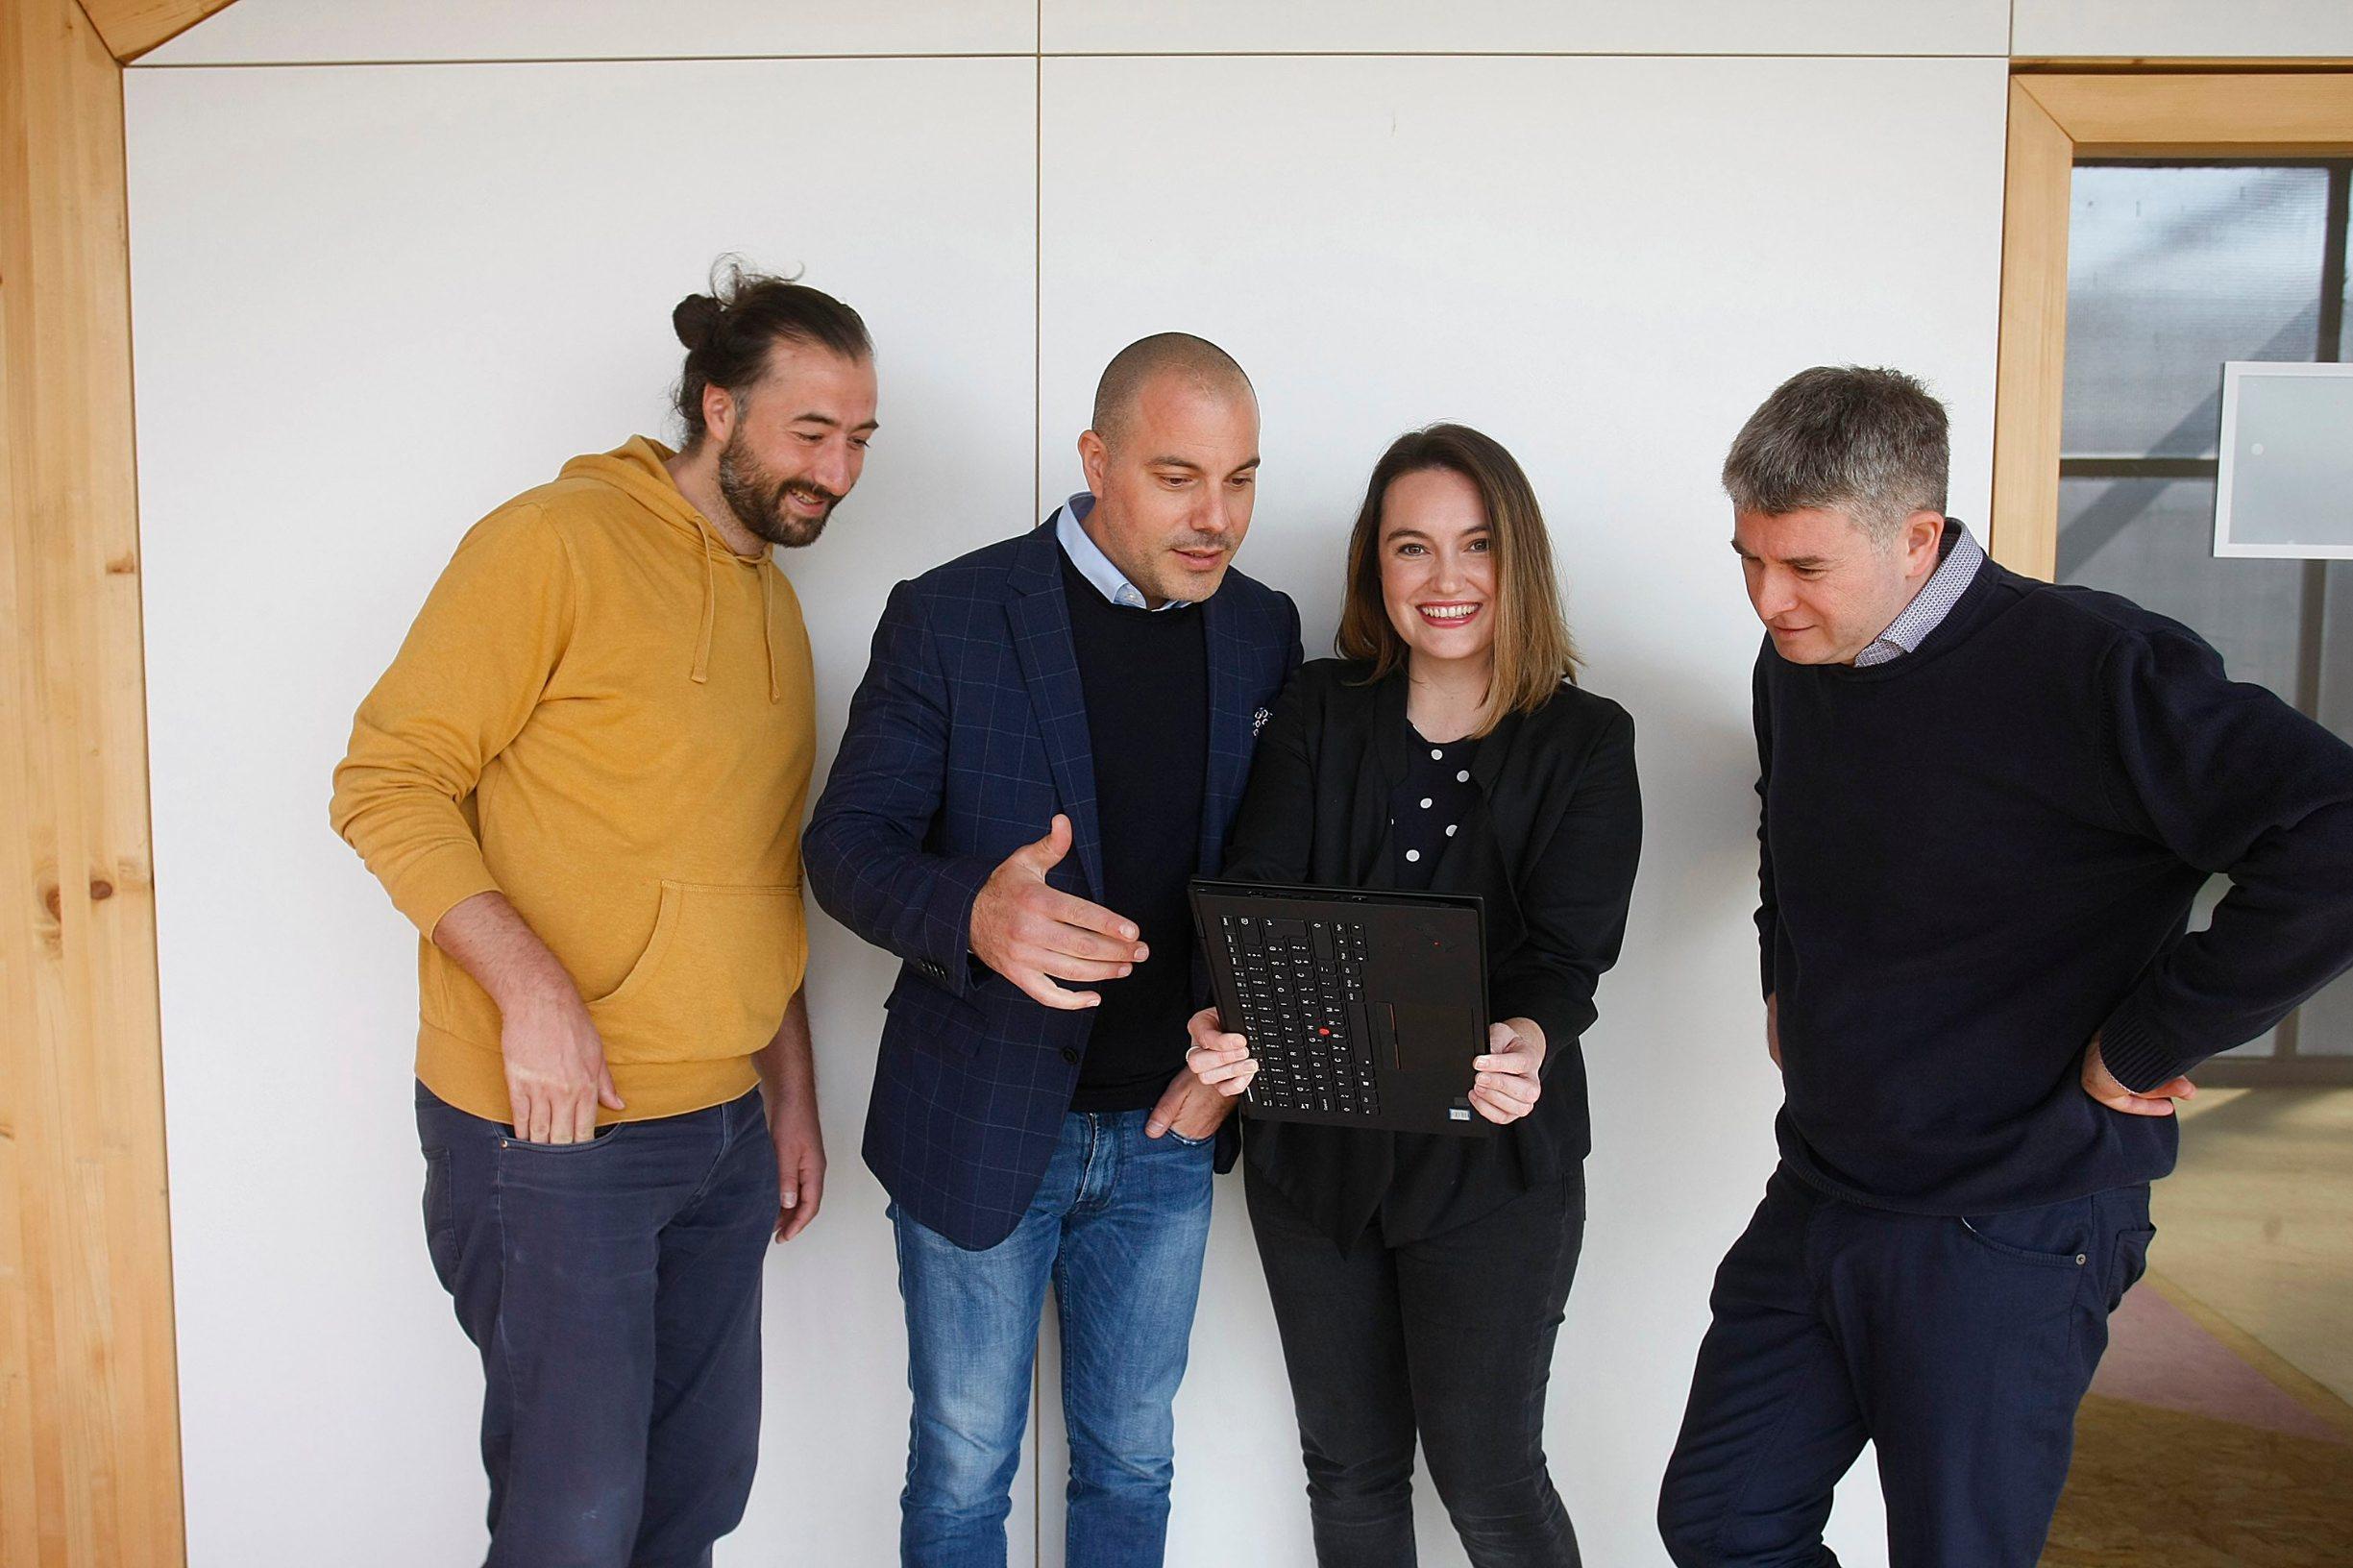 Vanja Andrić, Ana Marinović, Zoran Birimša i Ratko Knežević, tim iz startupa Omolab i investitor: Dosad su na Funderbeamu prikupili 230 tisuća eura, a oko 50 posto su ulagači iz inozemstva